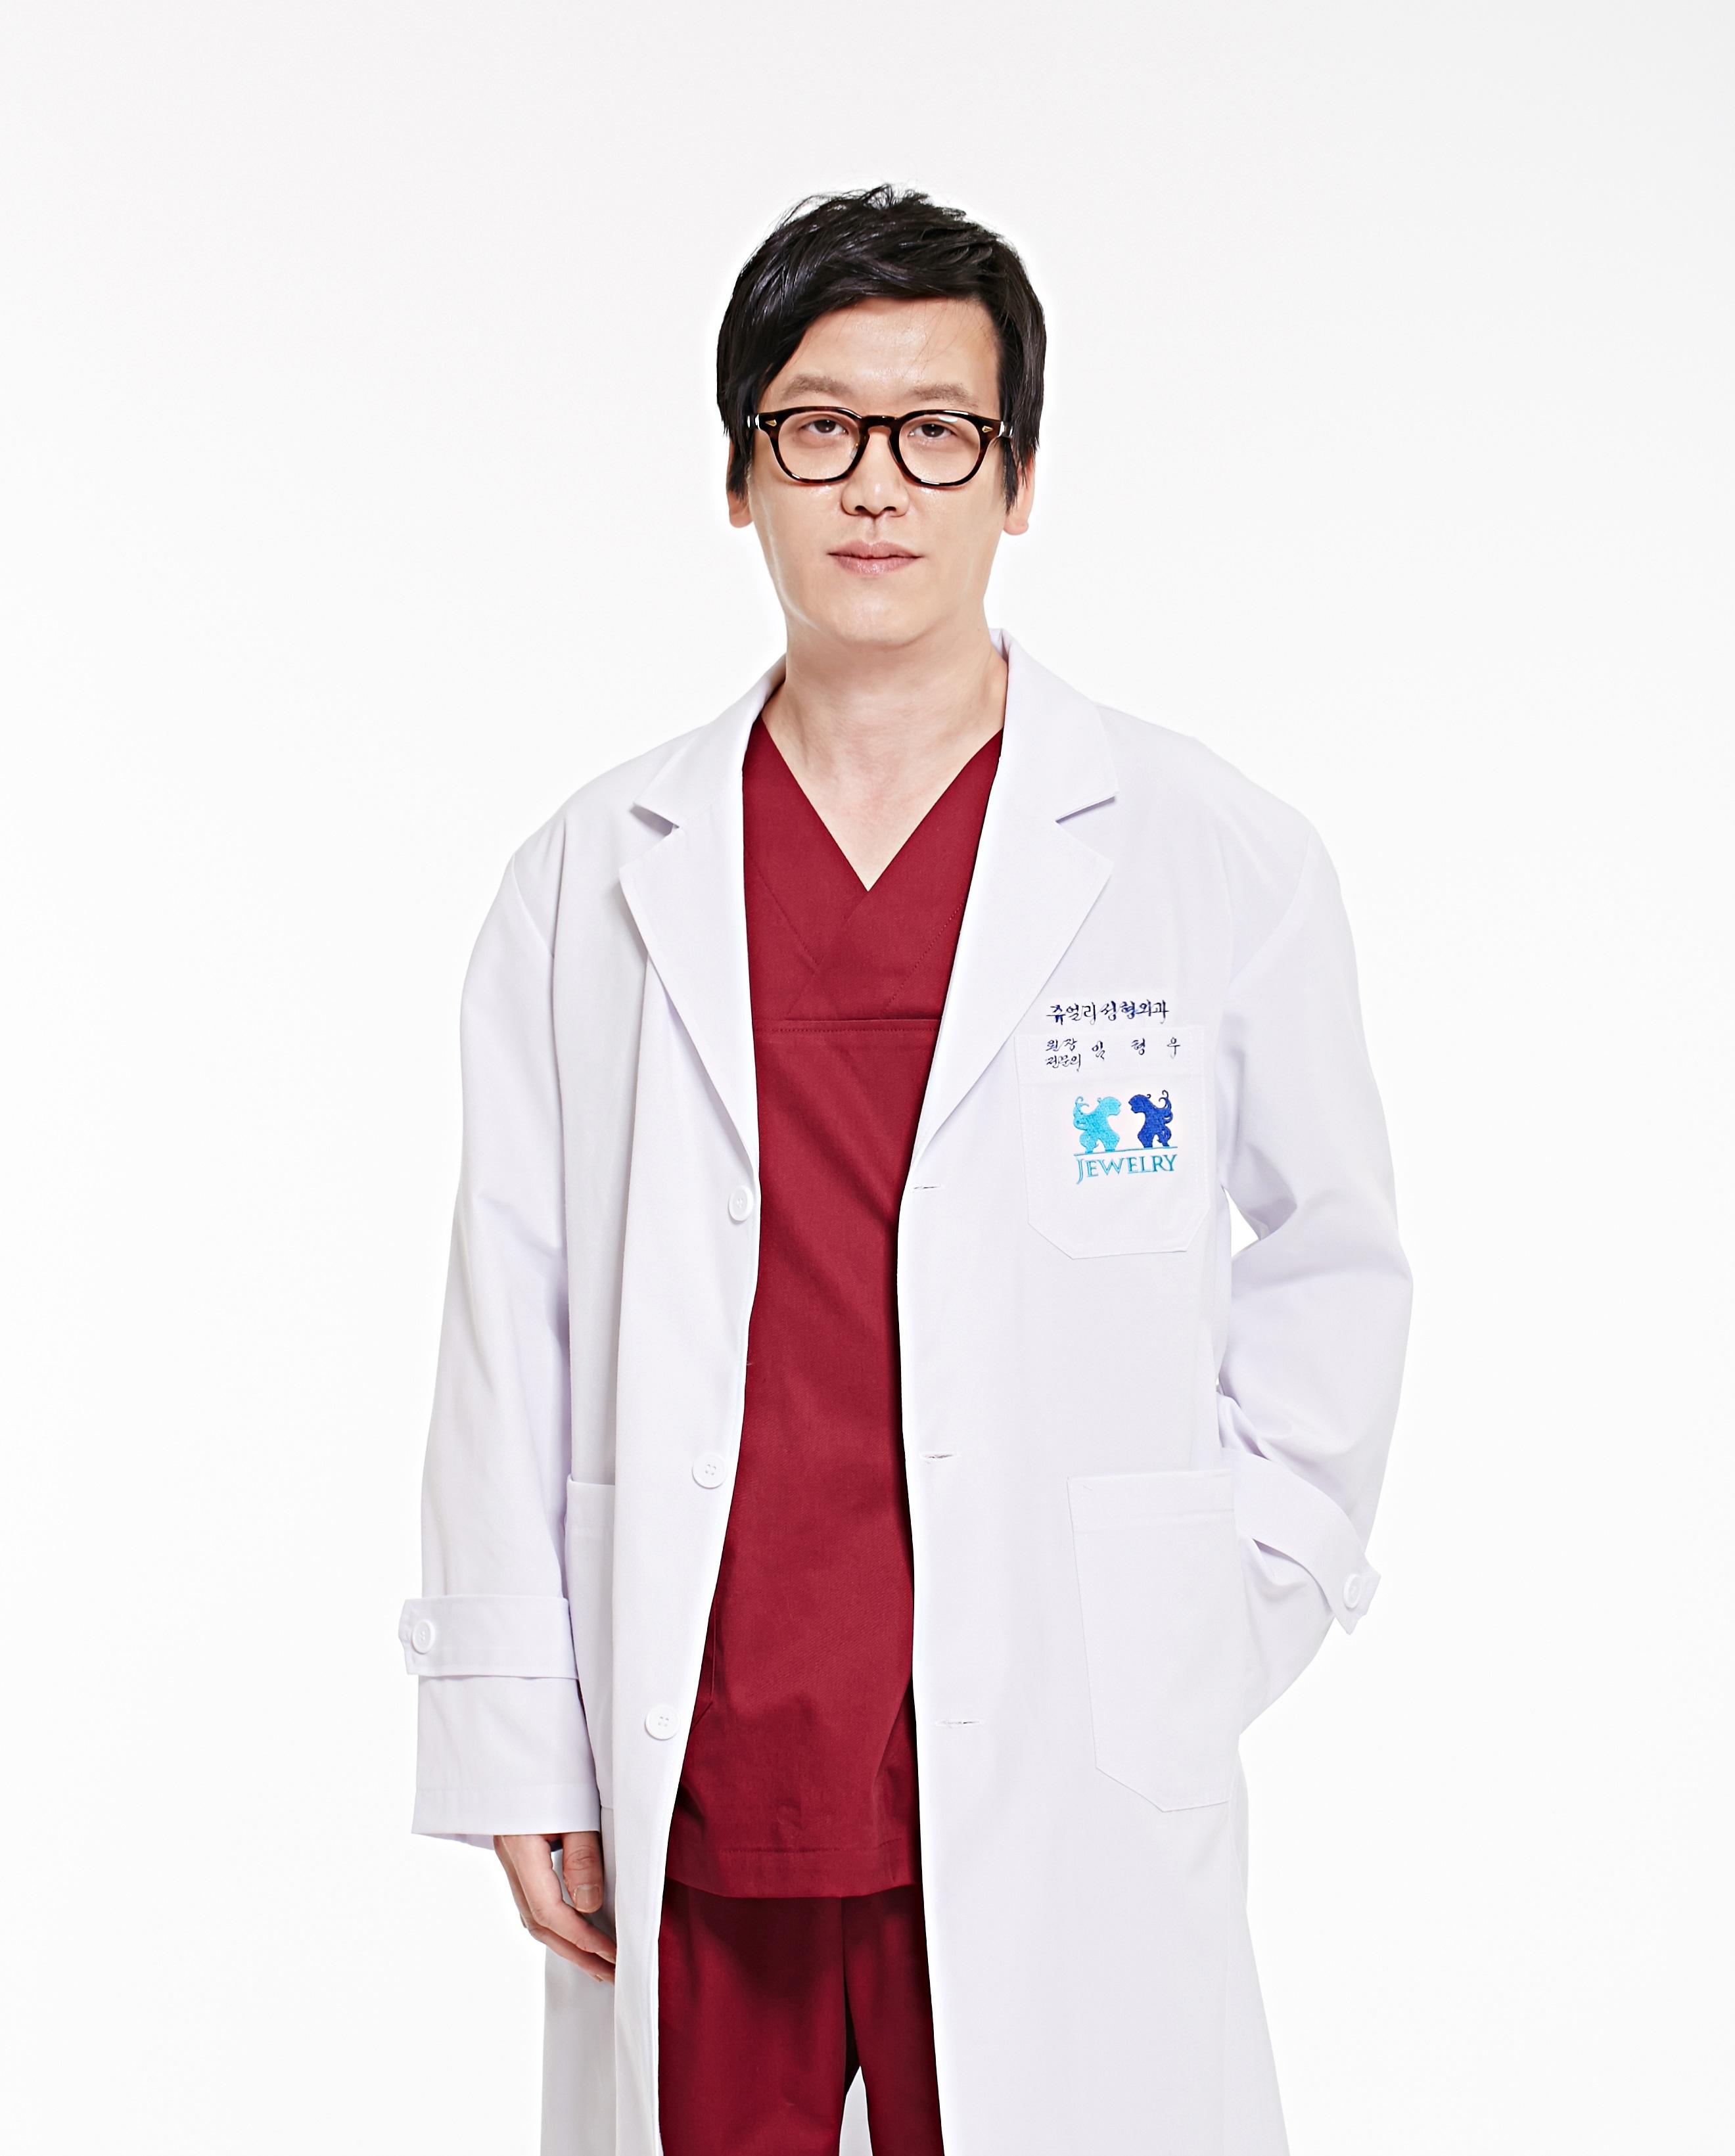 모양·촉감 갖춘 '모티바 가슴 재수술', 공식 지정 병원에서 안전하게 진행해야